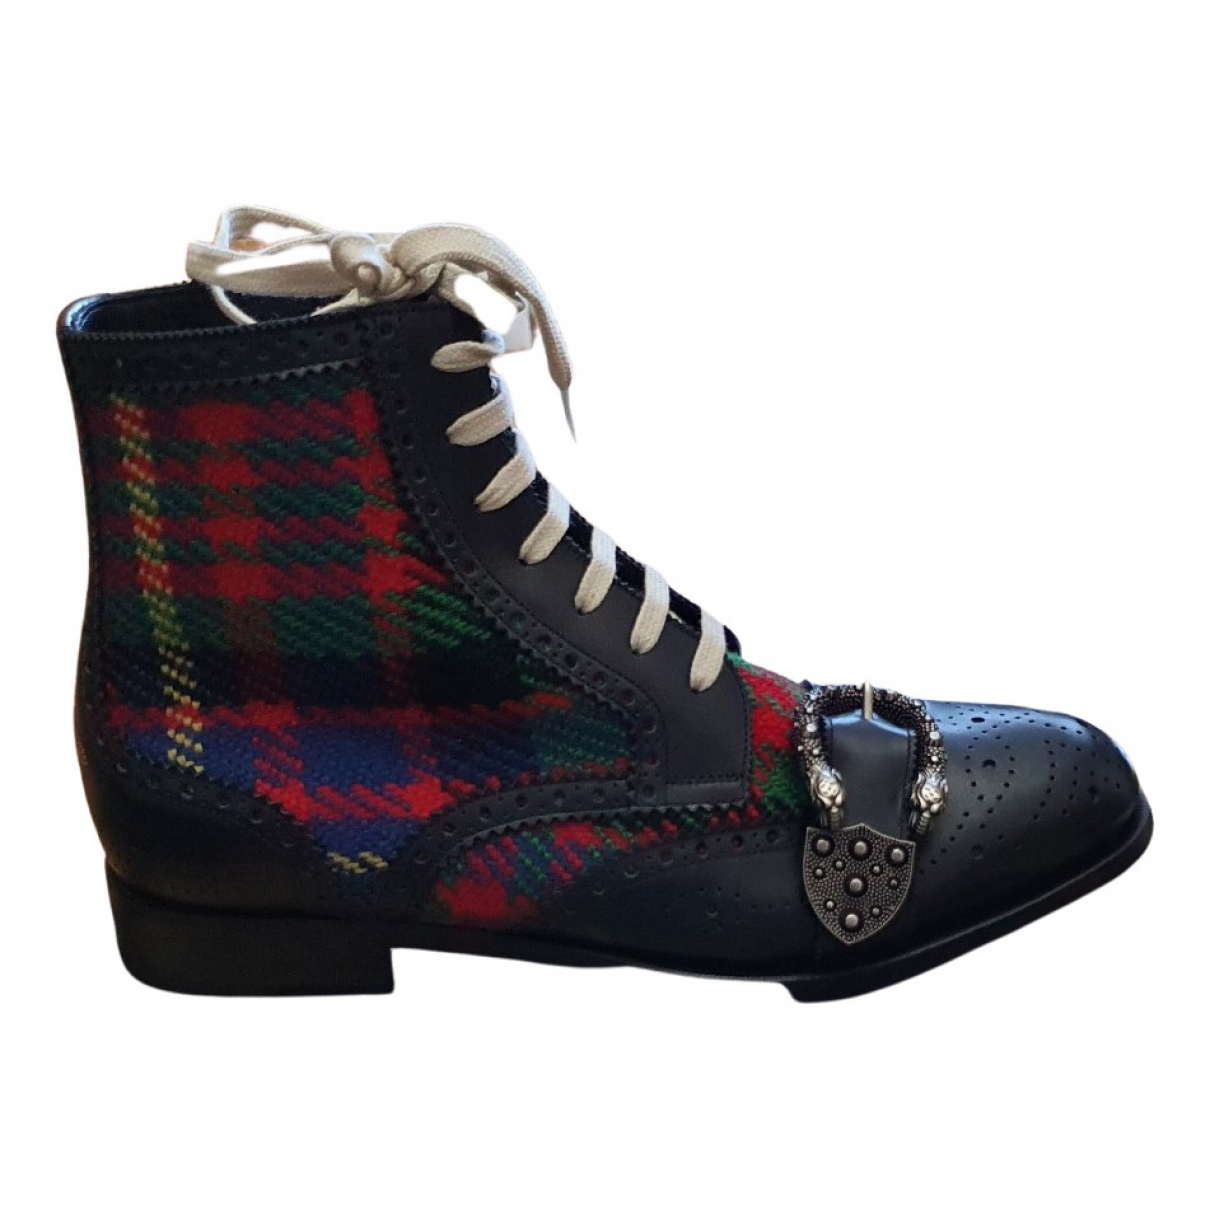 Gucci - Bottes.Boots Queercore pour homme en cuir - multicolore